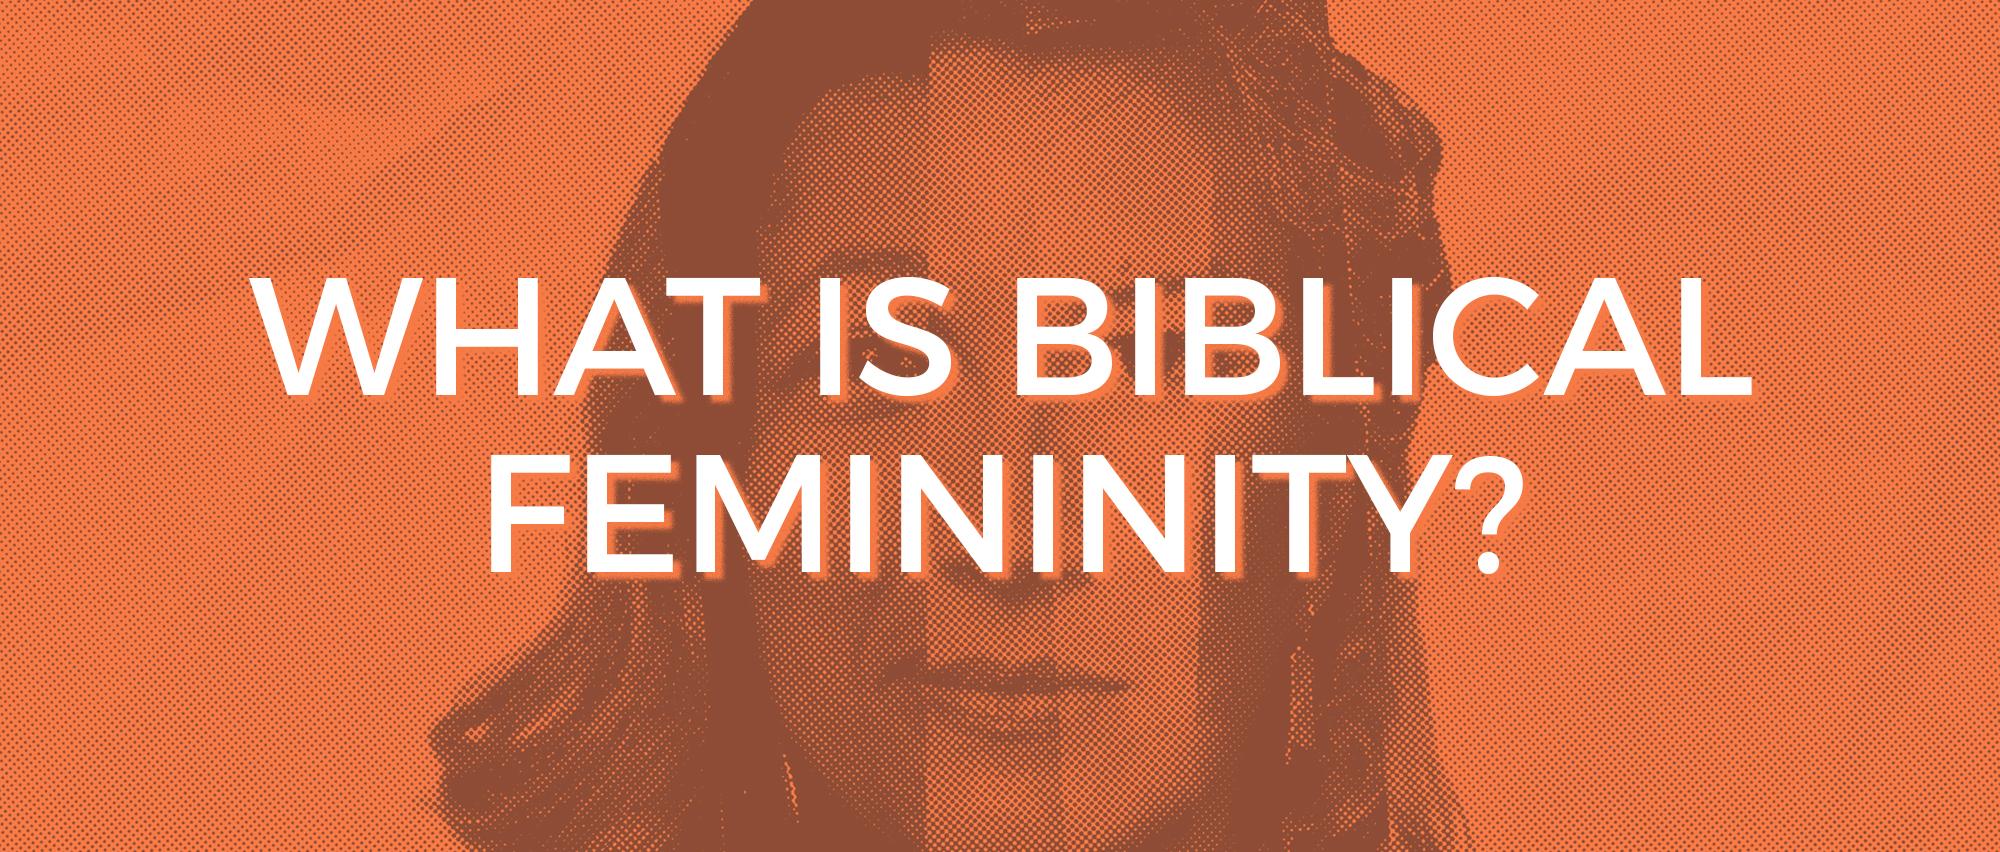 Biblical Femininity.jpg